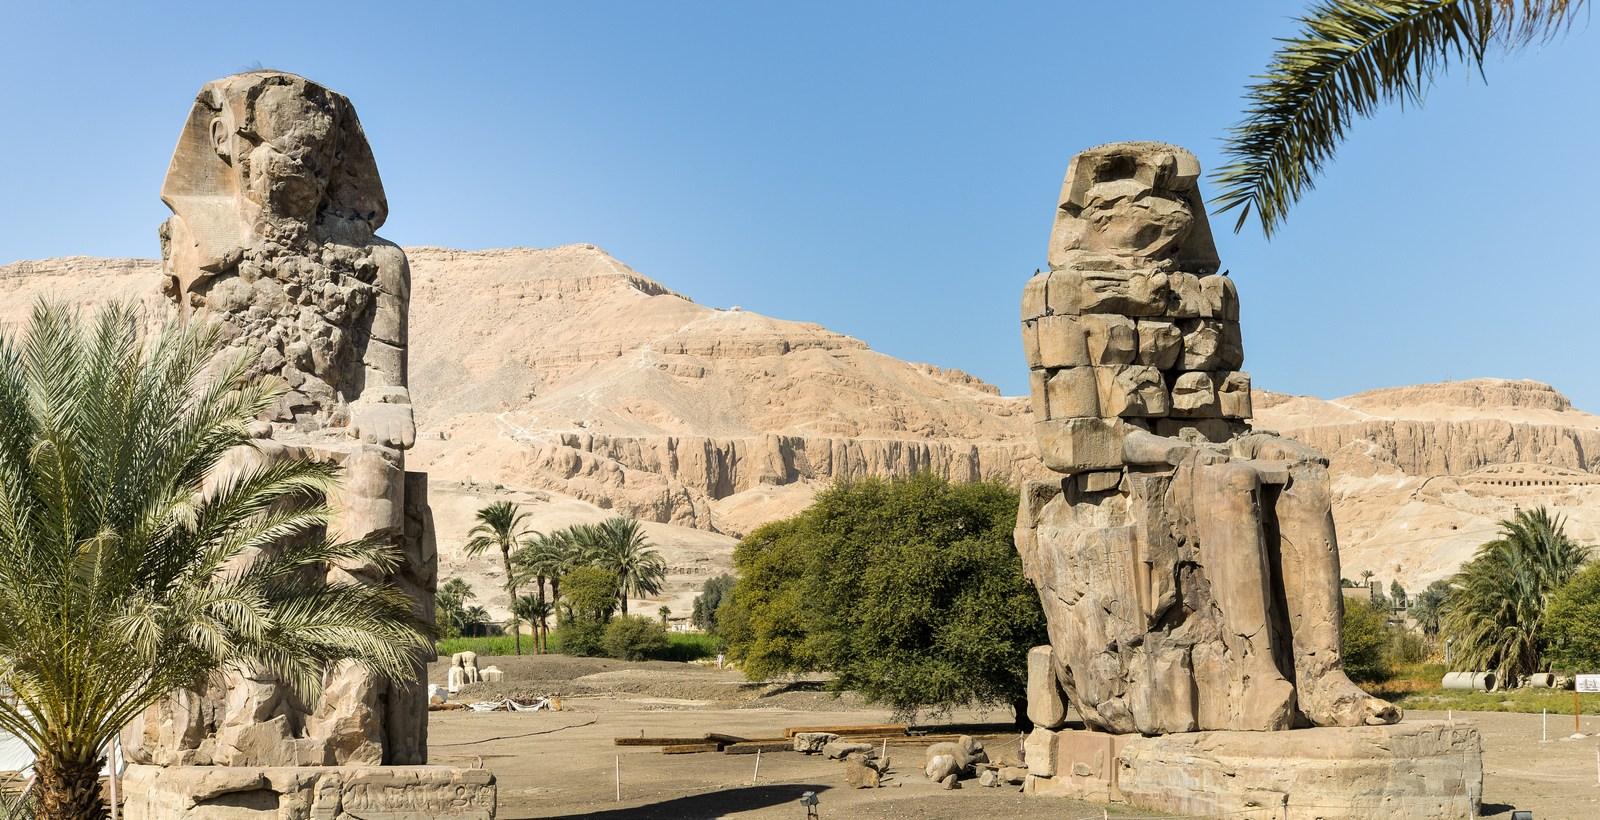 Colosses de Memnon Medinet Habu